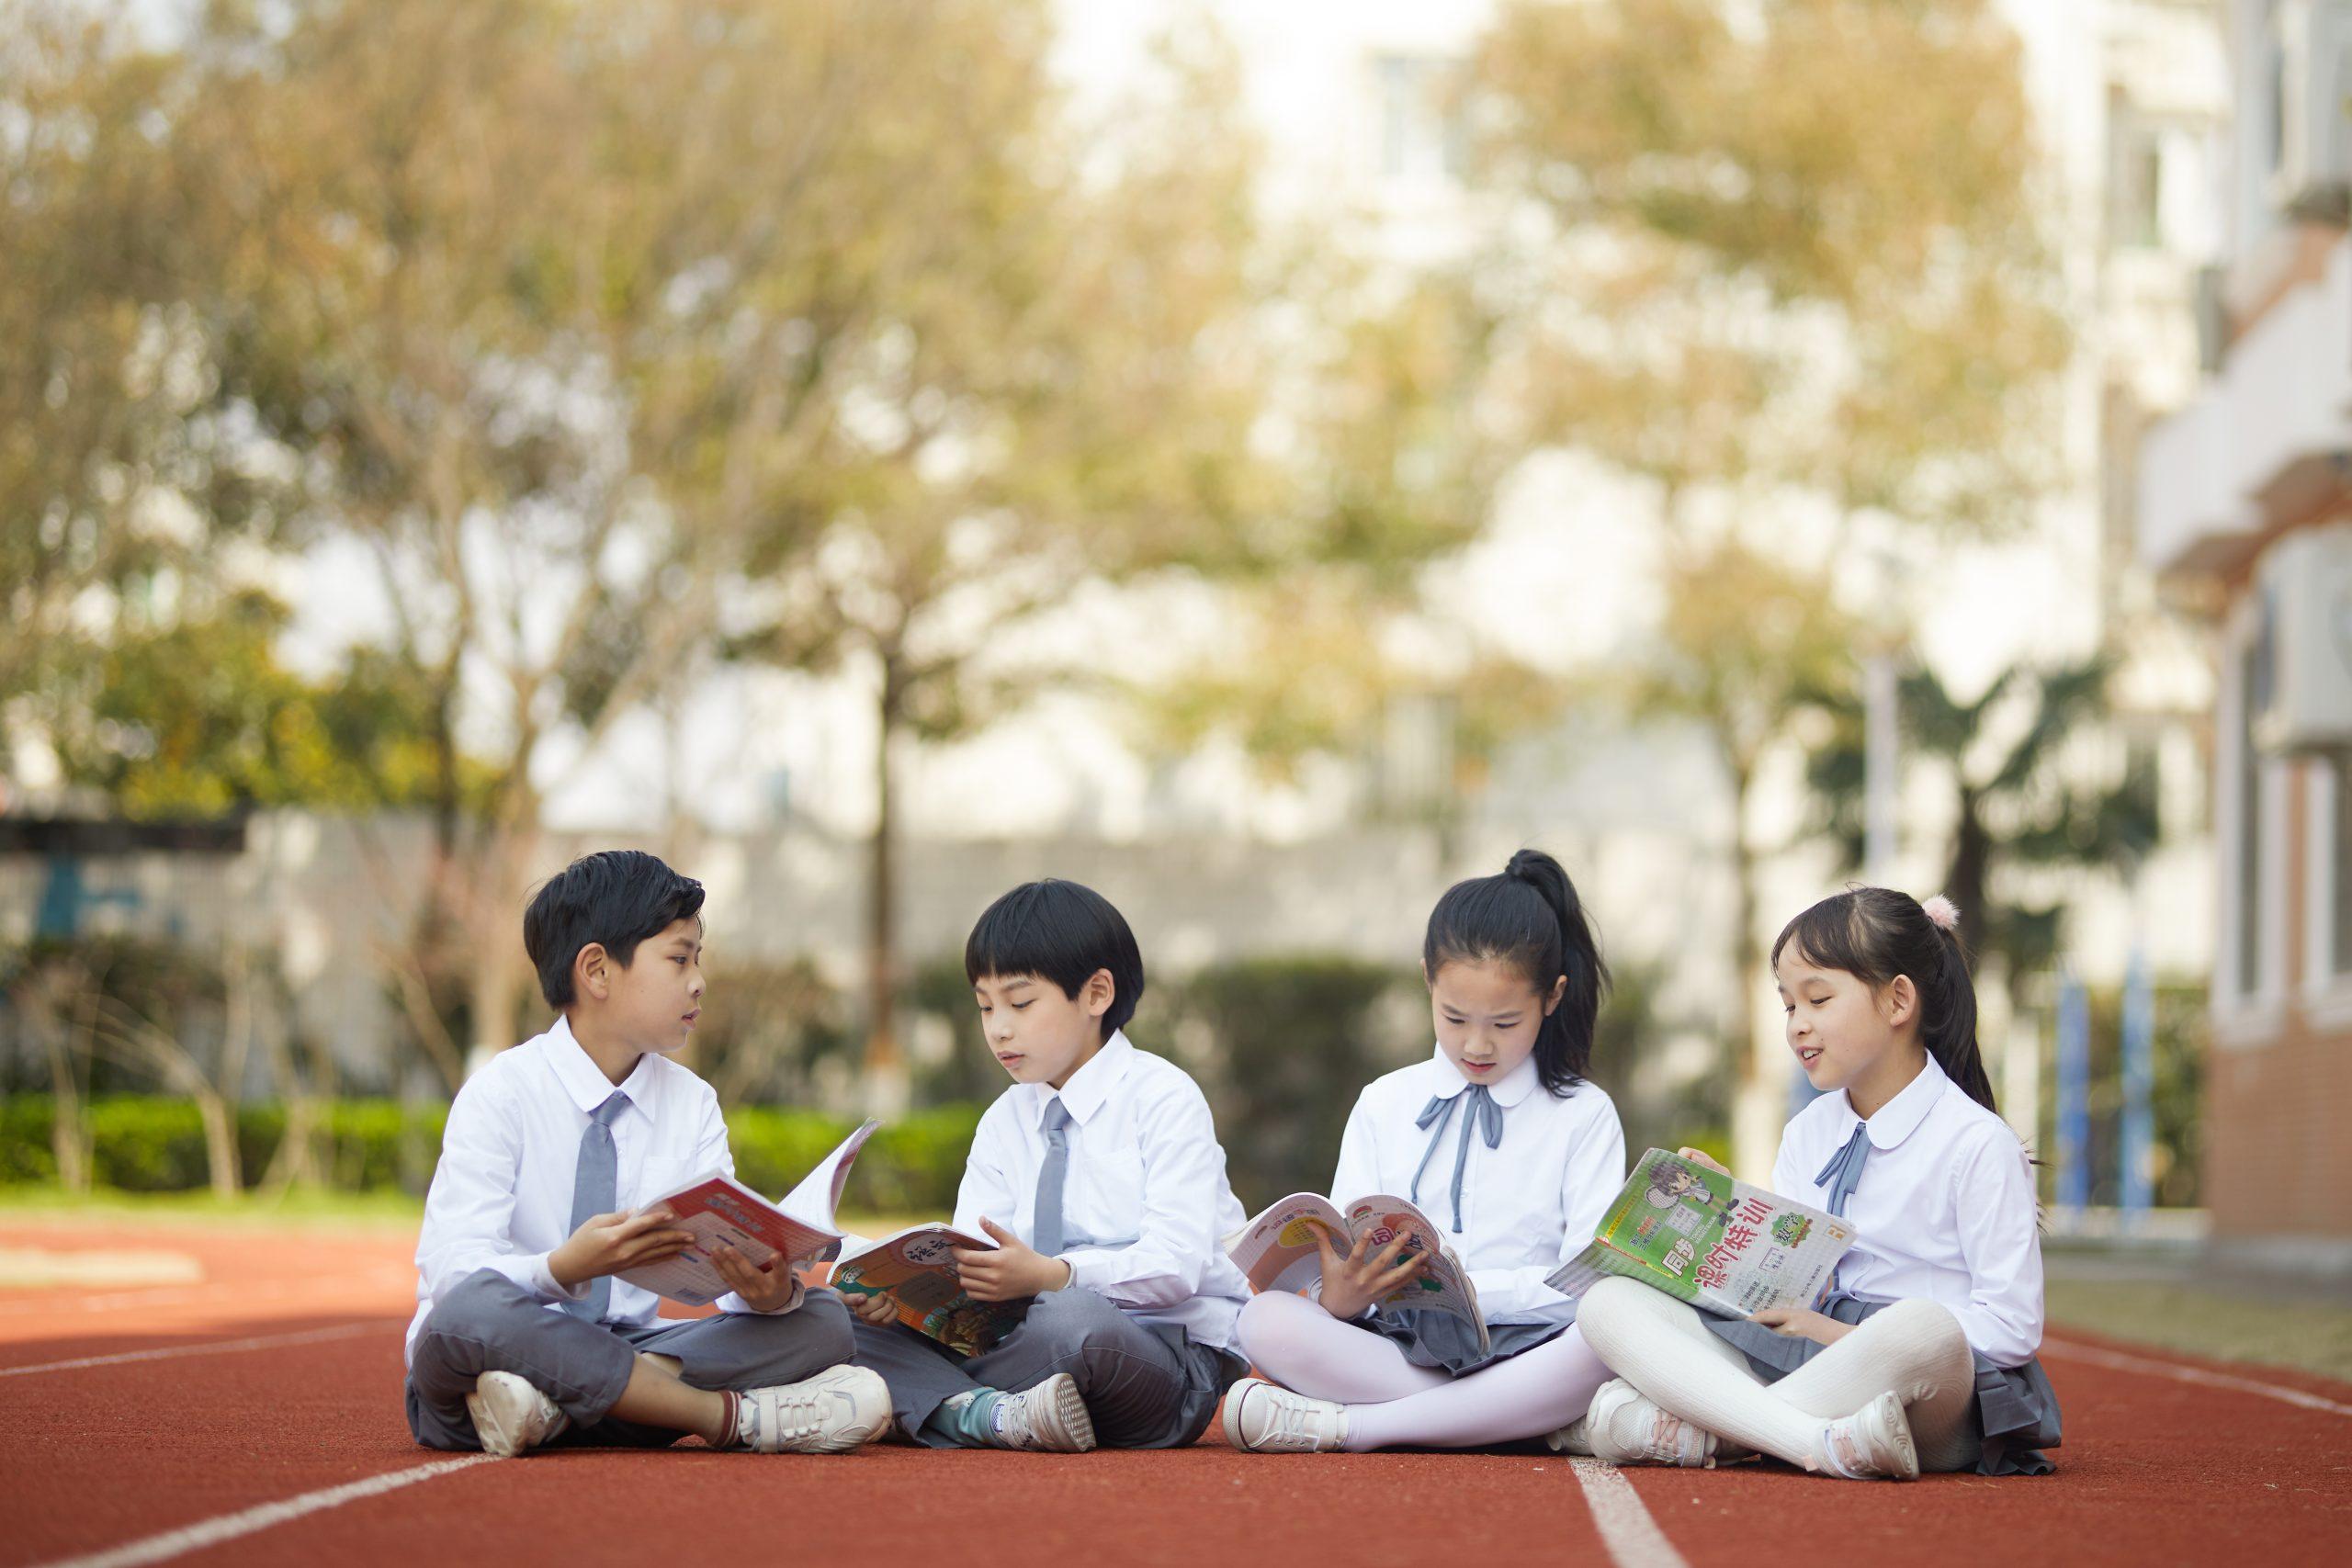 能量数字学霸,数字能量学与学业的关系